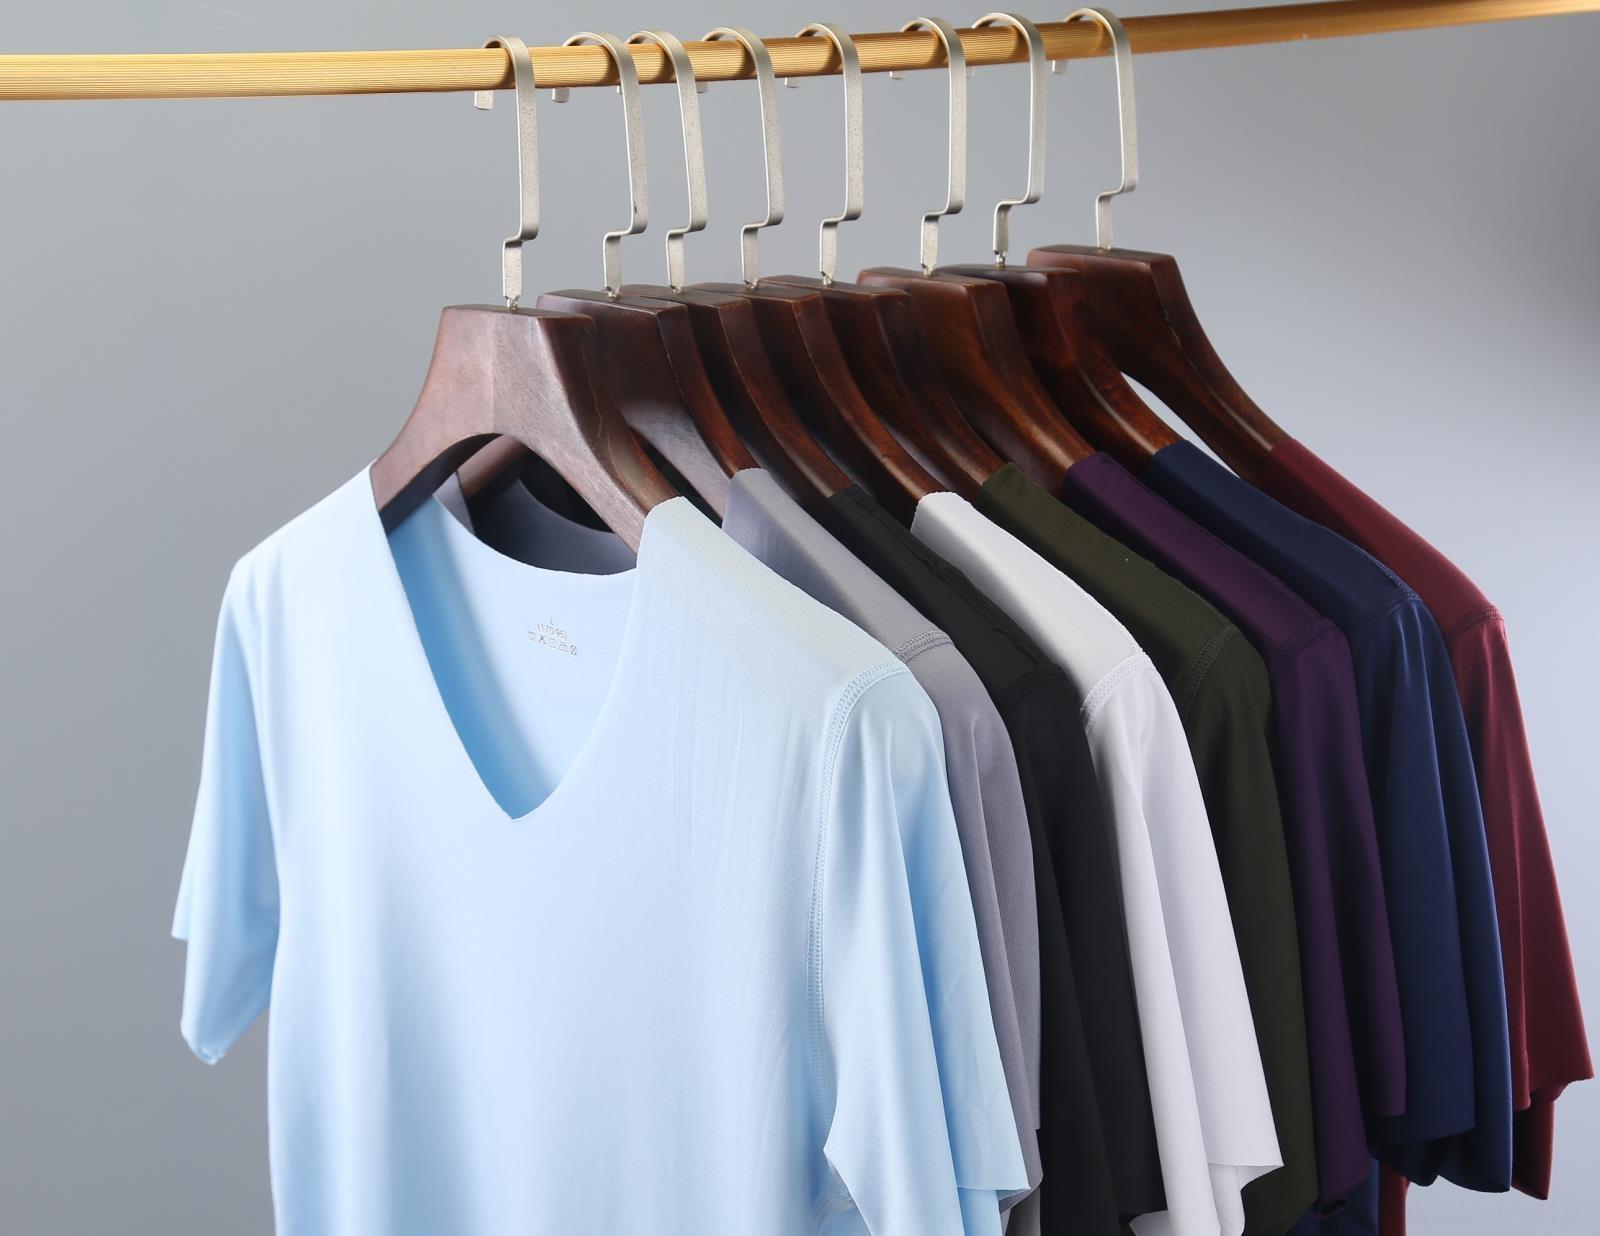 Nuovo autunno Lycra senza soluzione di continuità su ghiaccio di seta vestiti vestiti casa arredamento abbigliamento ghiaccio freddo ZX9pD homewear maschile senza soluzione di continuità manica corta